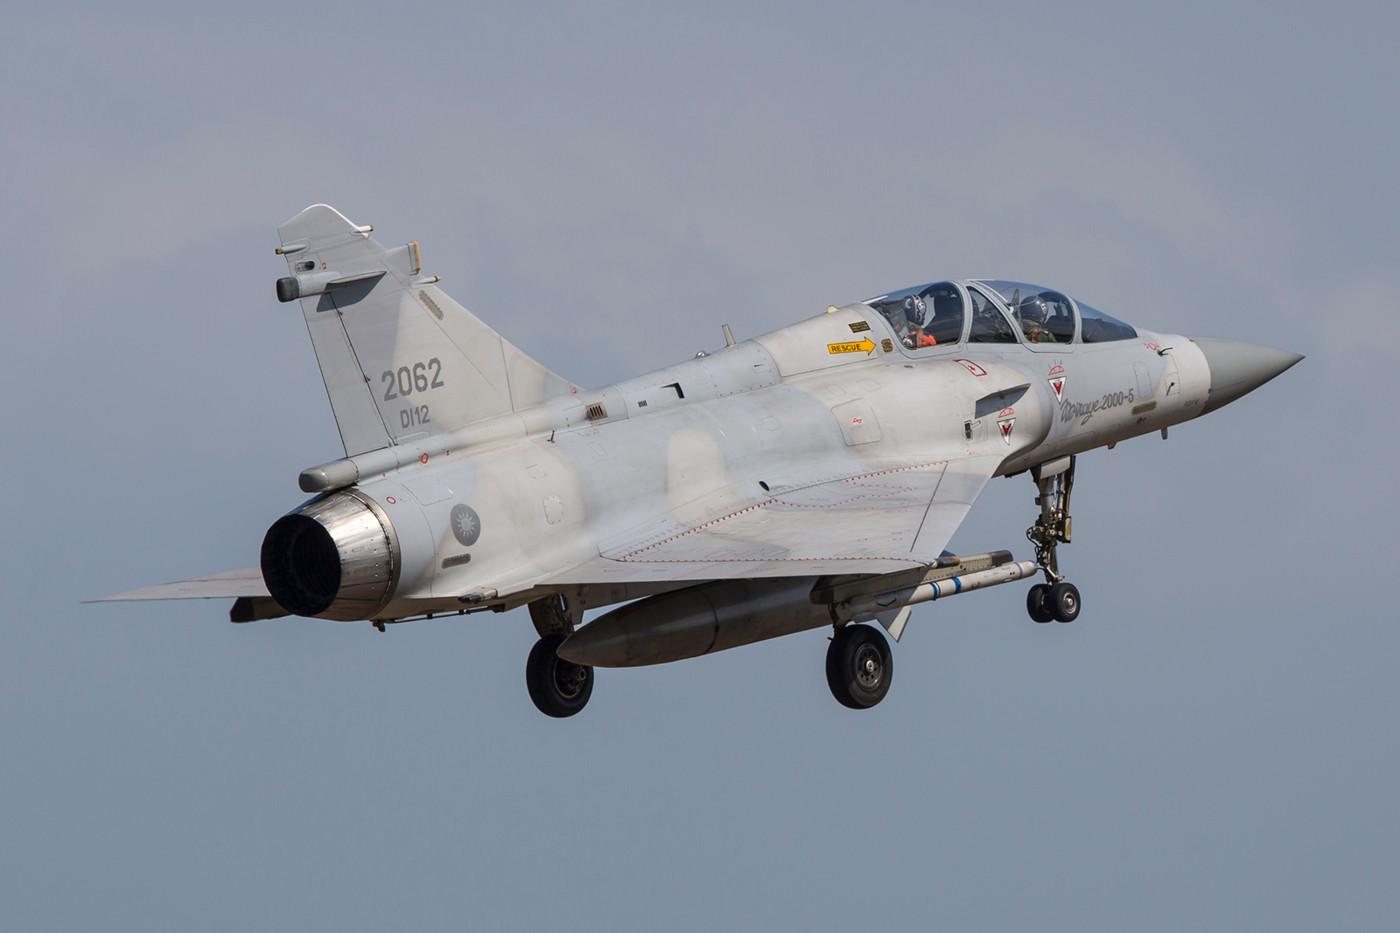 Die Trainer Mirage 2000-5Di, haben ebenso wie die Einsitzer nicht mehr viel gemein mit den C/D´s der Armée de l´air.